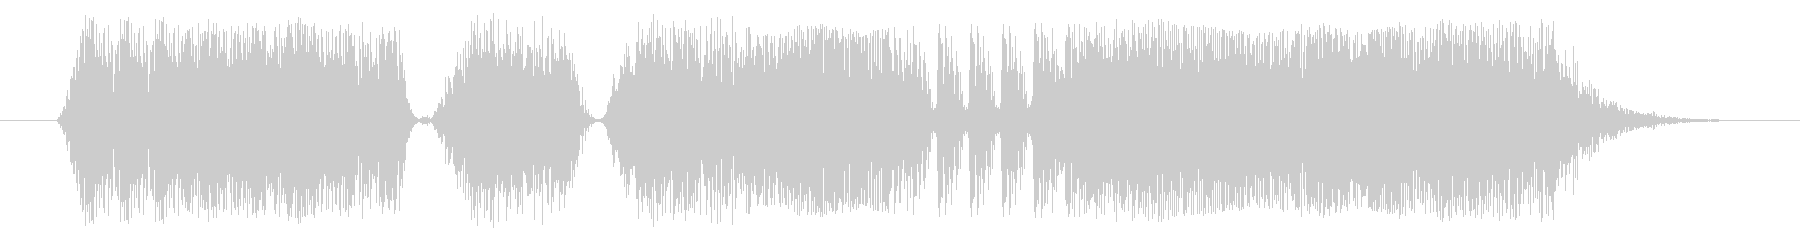 ビッグカオス2の未再生の波形